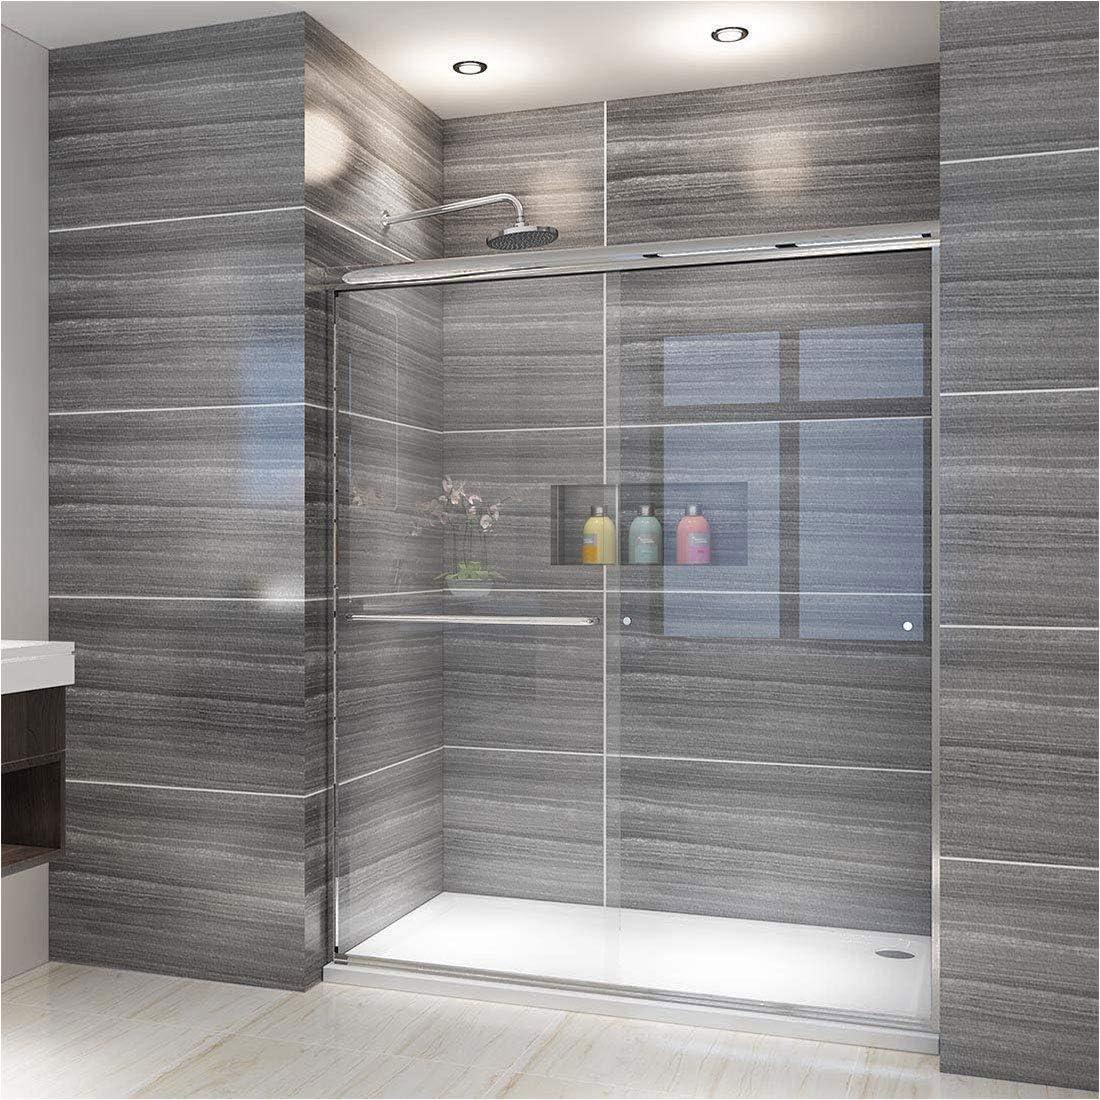 ELEGANT SHOWERS 58.5-60 W x 72 H, Semi-frameless Bypass Sliding Shower Doors, 1 4 Clear Glass, Chrome Finish